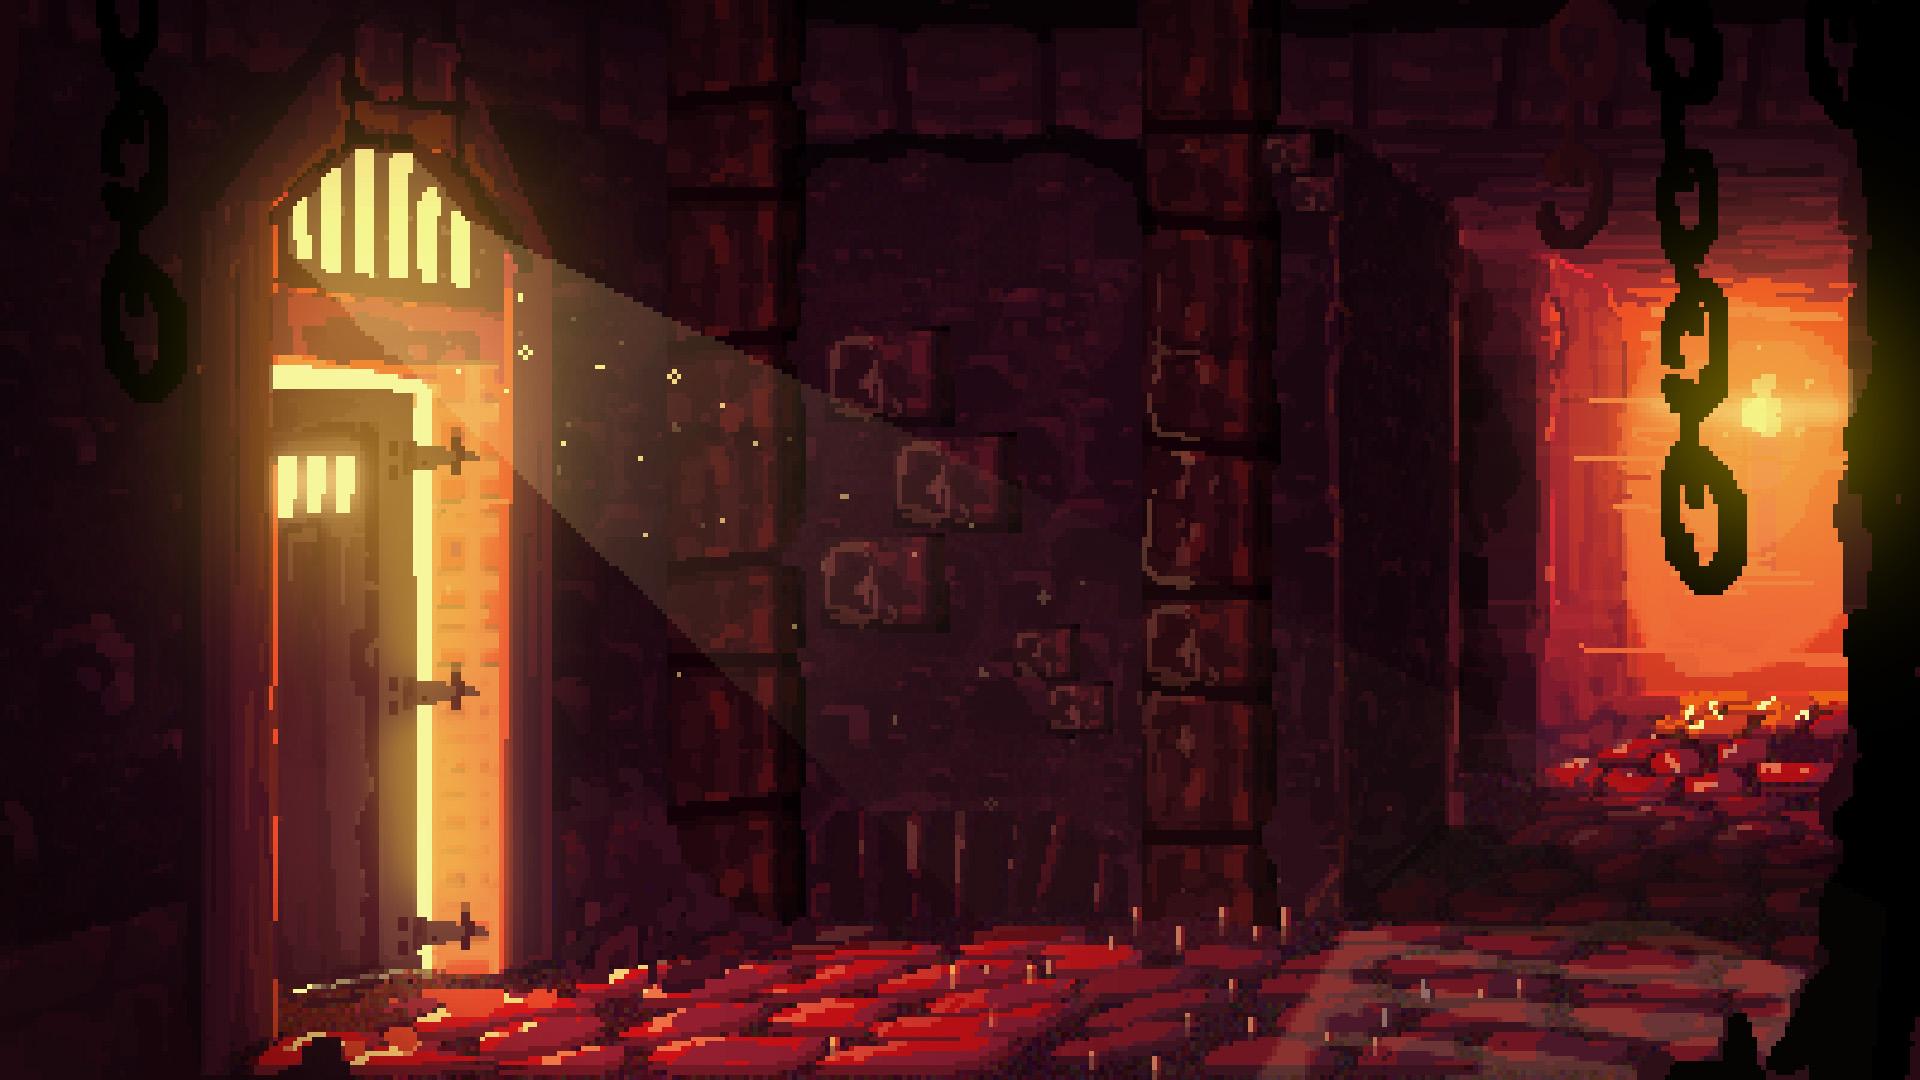 Pixel prison Wallpaper from Hammerwatch gamepressurecom 1920x1080